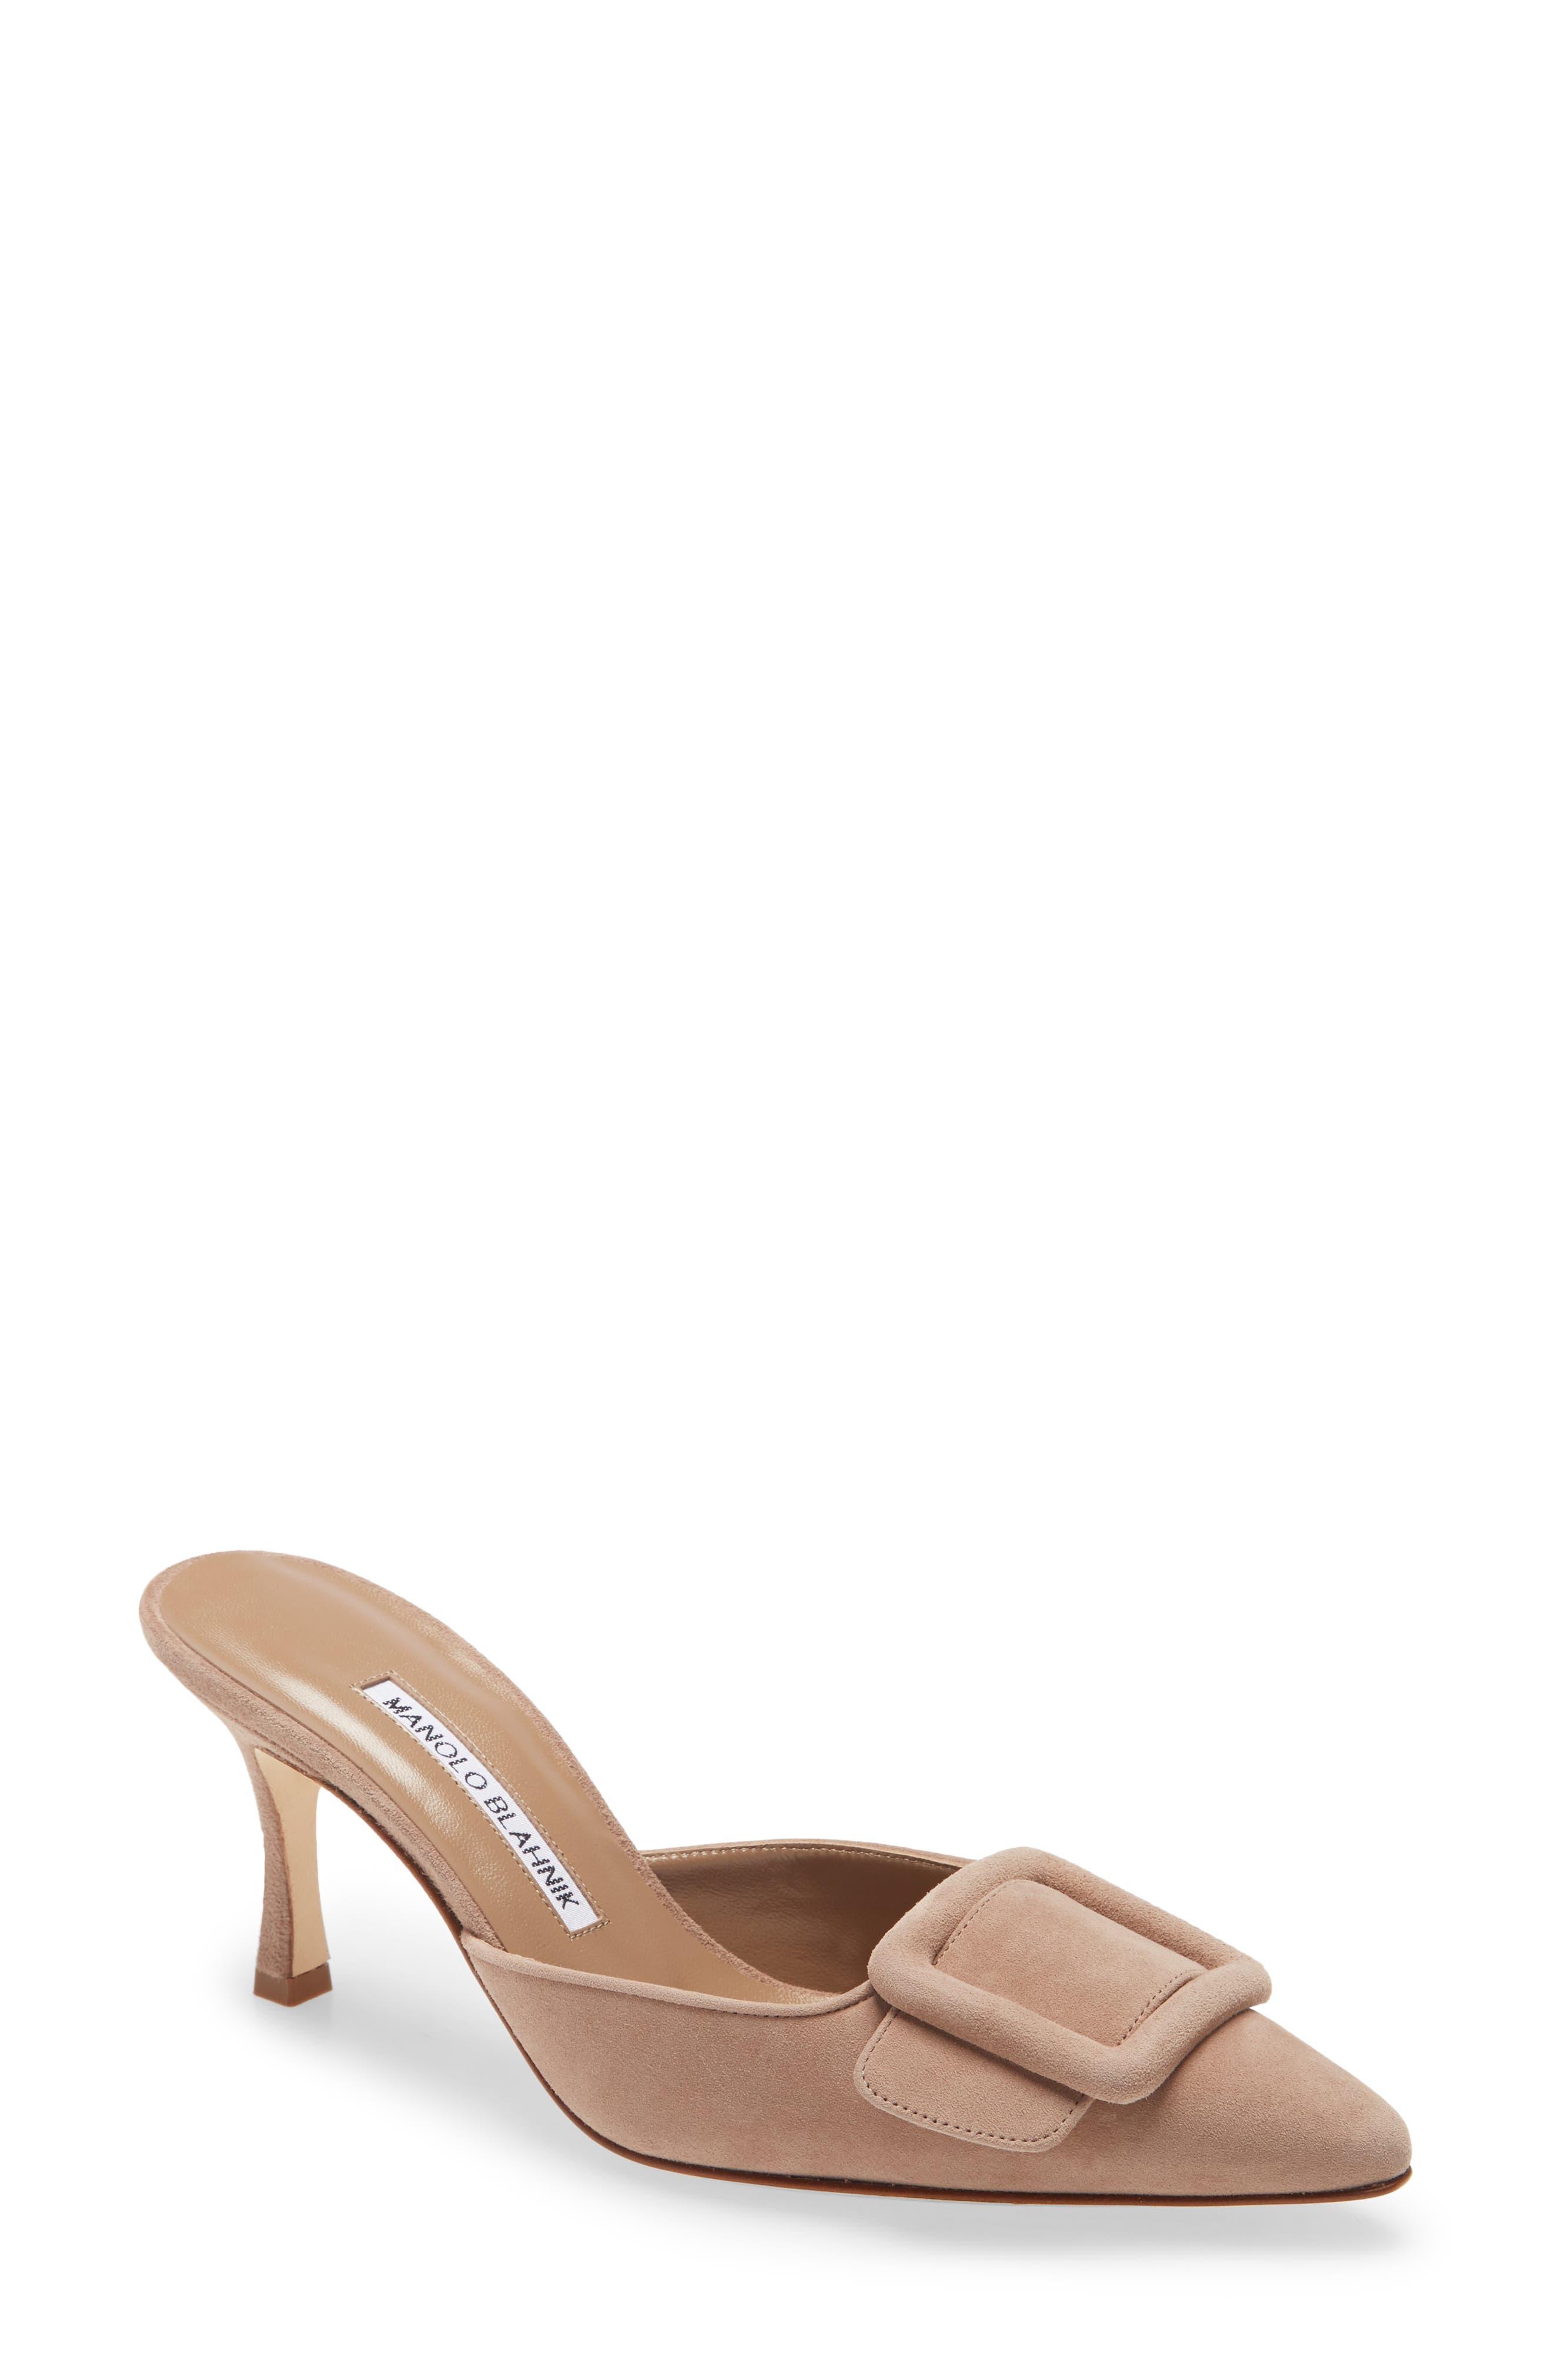 manolo blahnik men's shoes sale